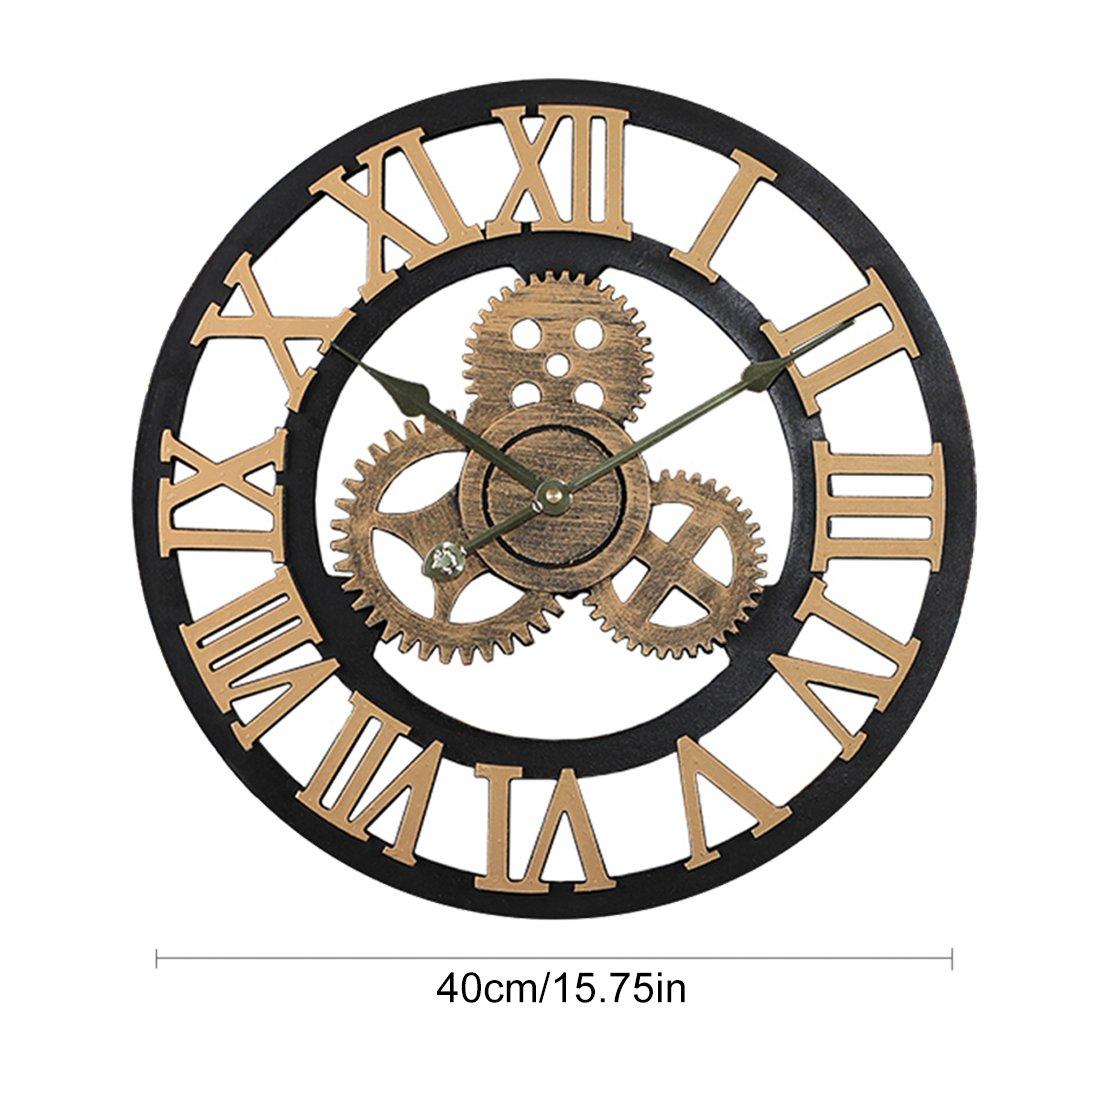 Chiffres Arabes Argent/és OIURV Horloge Murale silencieuse de Style r/étro pour la d/écoration int/érieure Diam/ètre 40cm